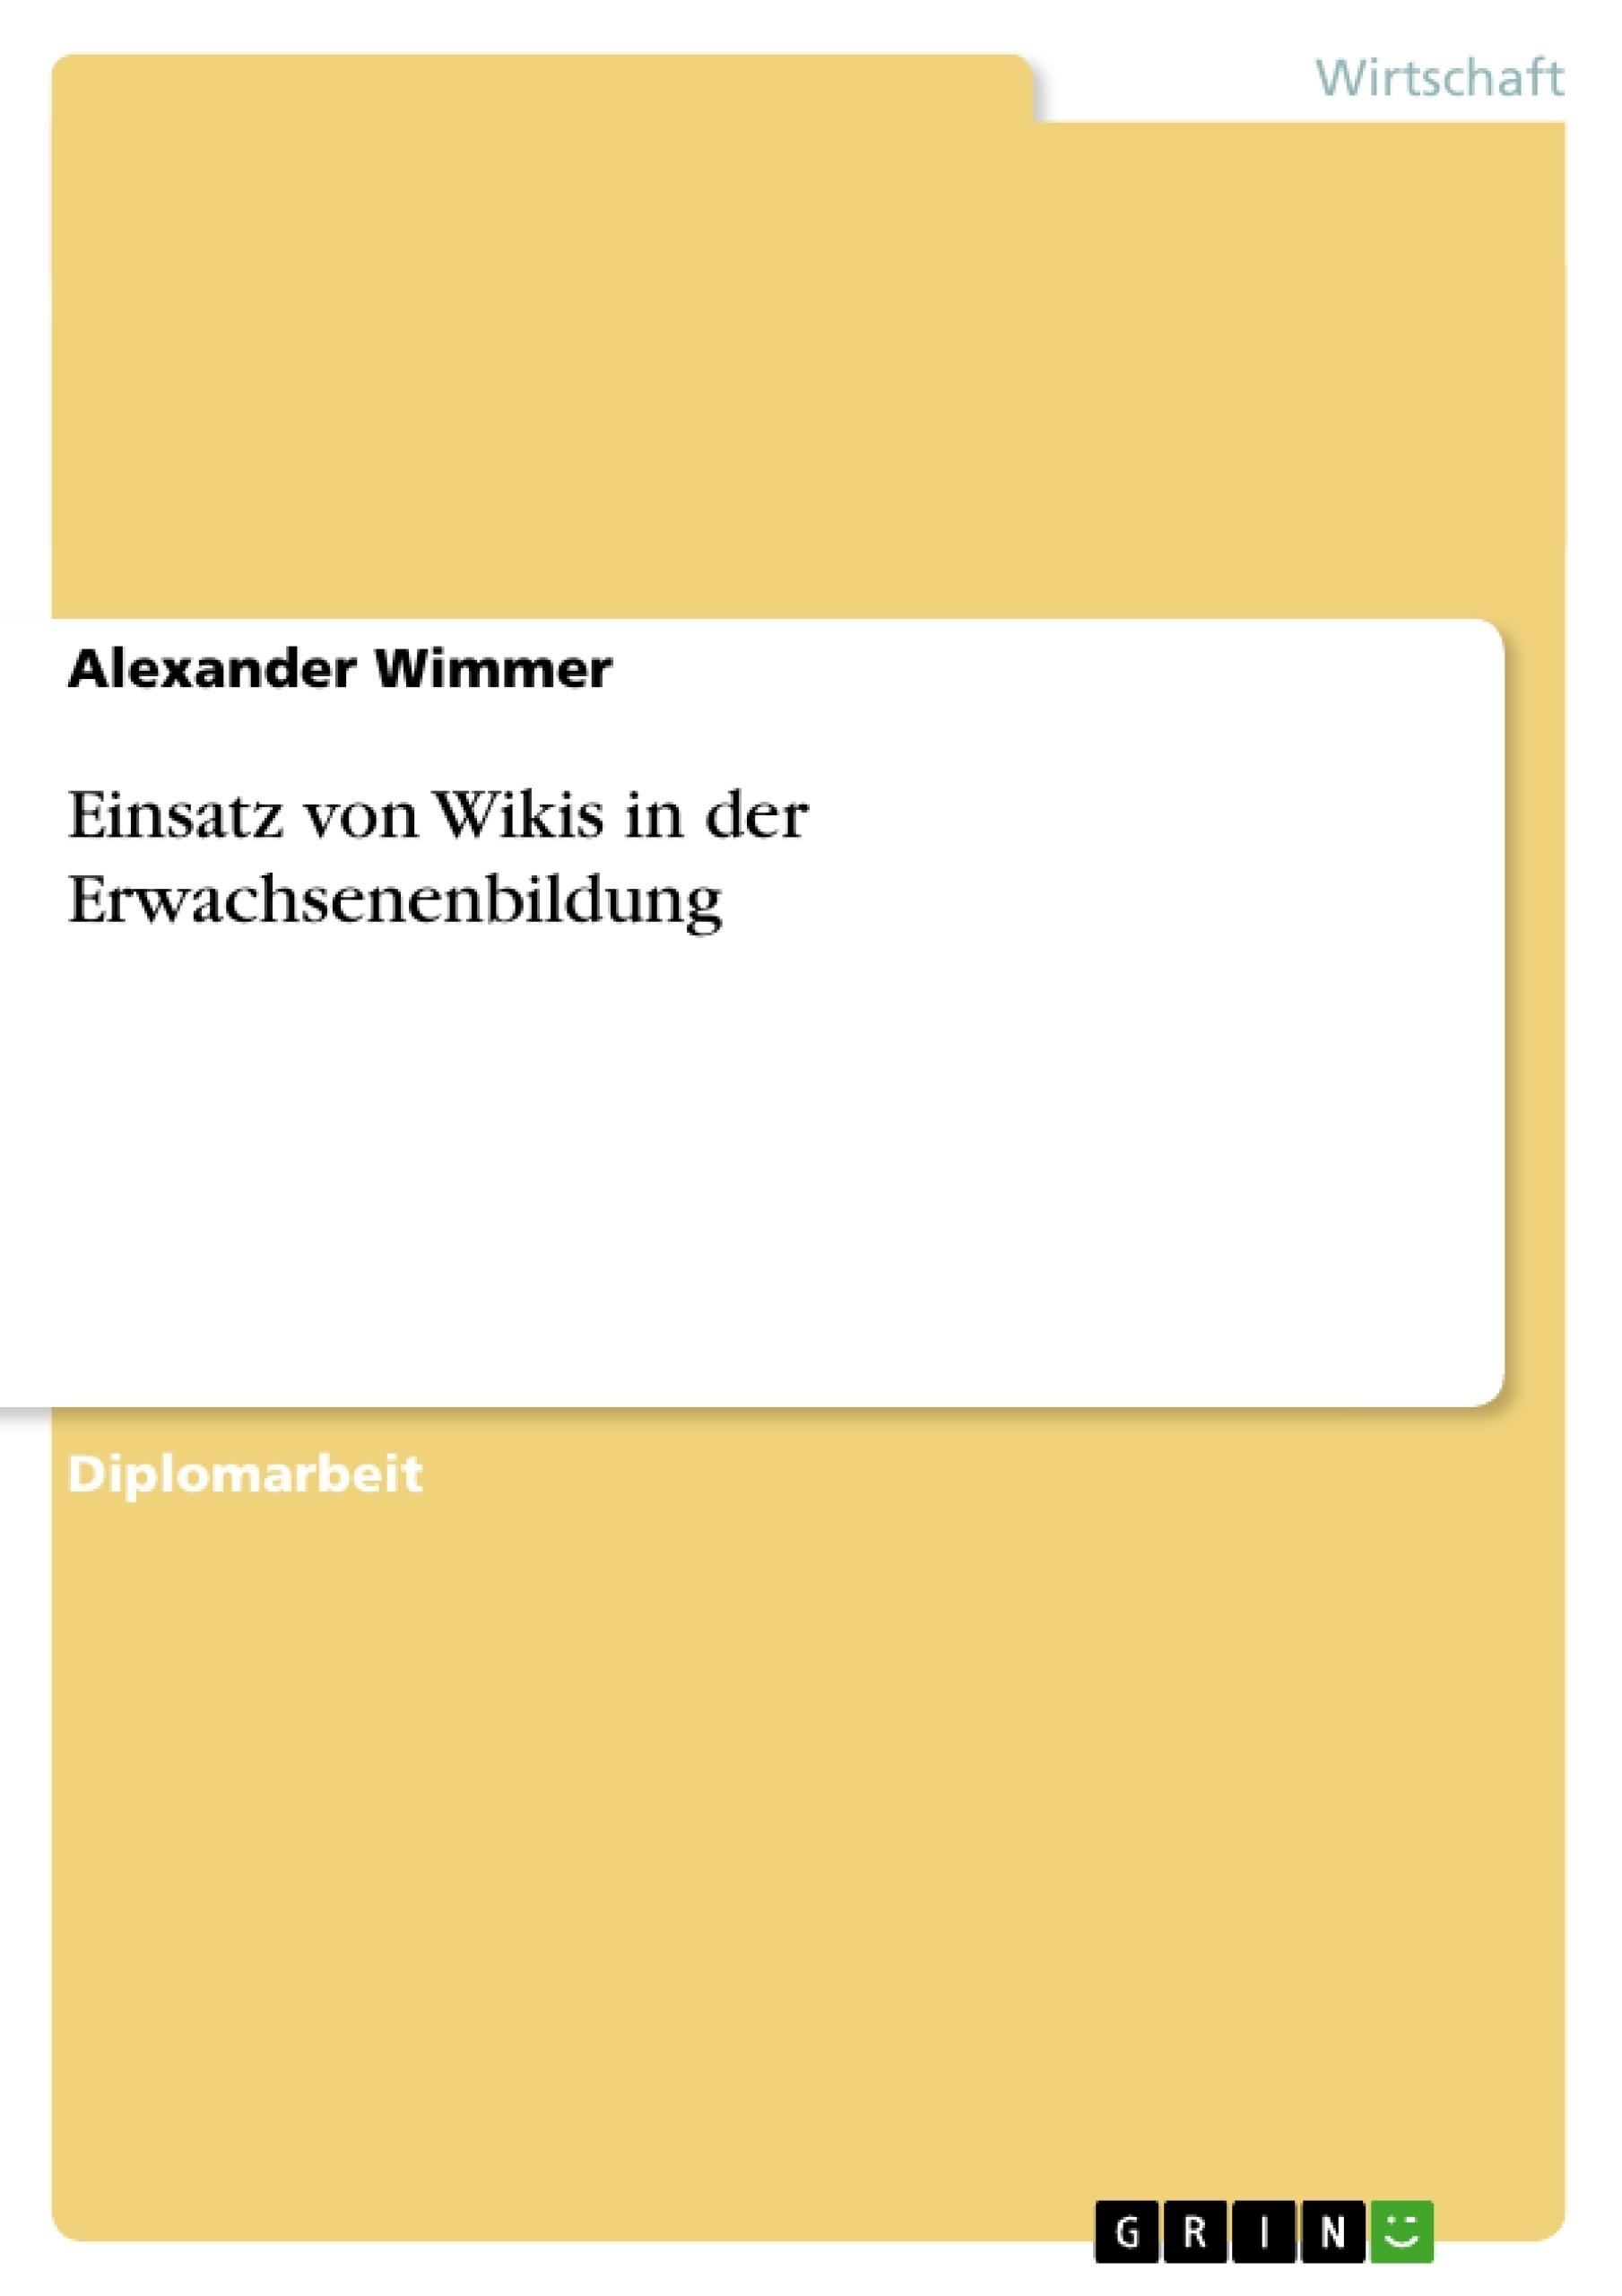 Titel: Einsatz von Wikis in der Erwachsenenbildung